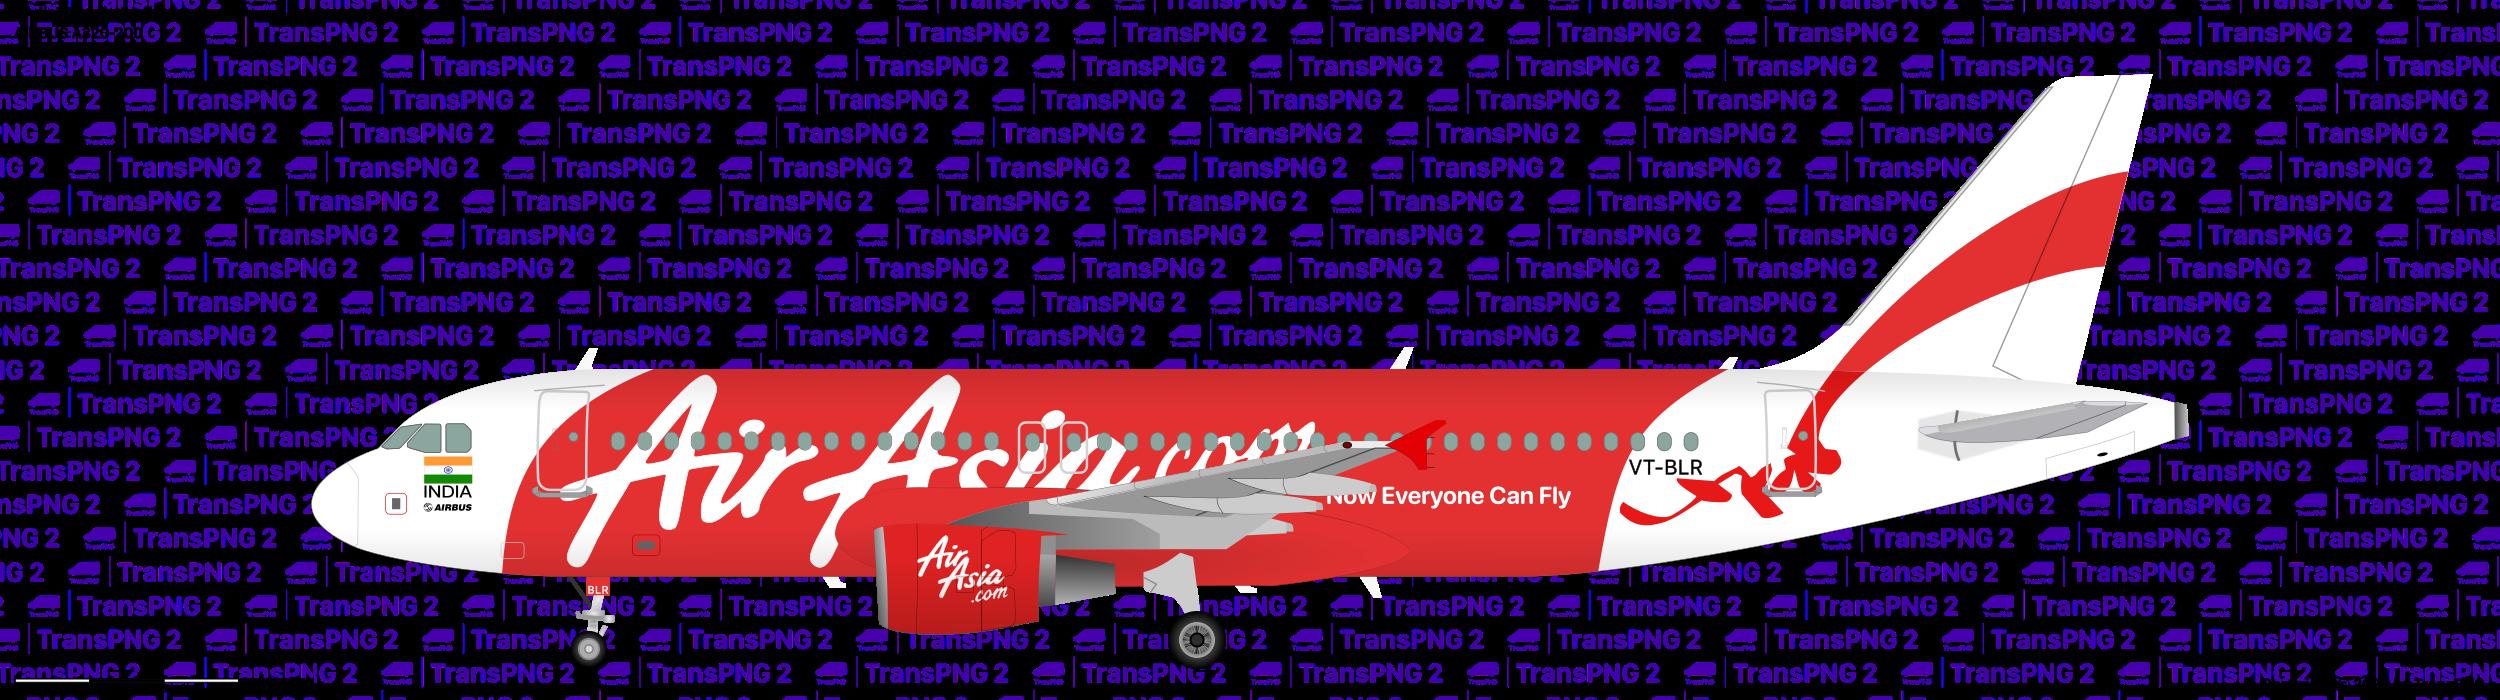 [25042] 印度亞洲航空 25042